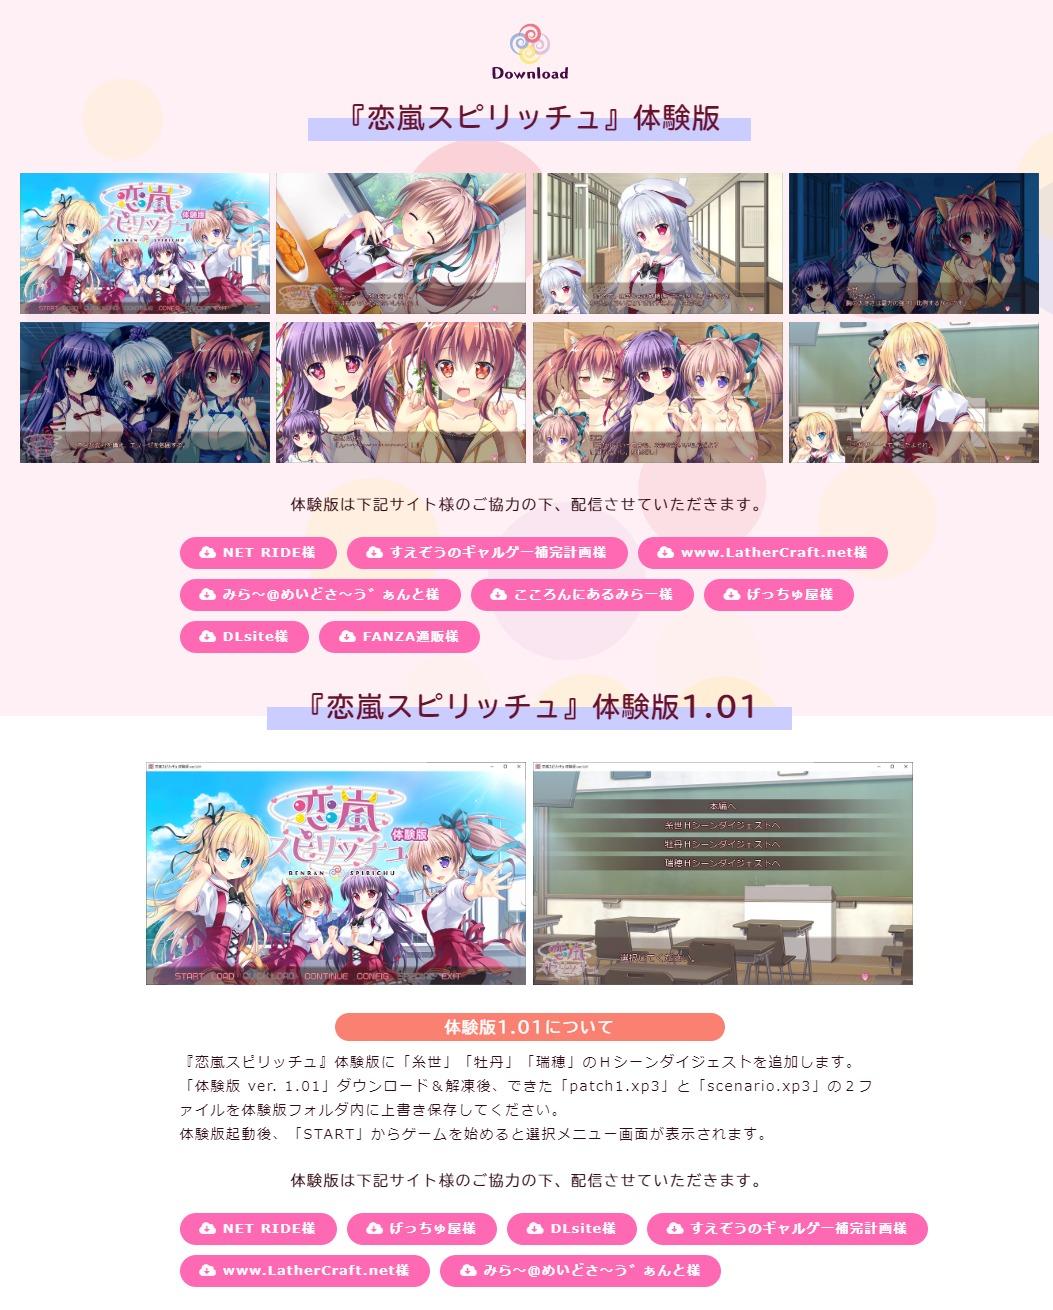 恋嵐スピリッチュ 公式ホームページ